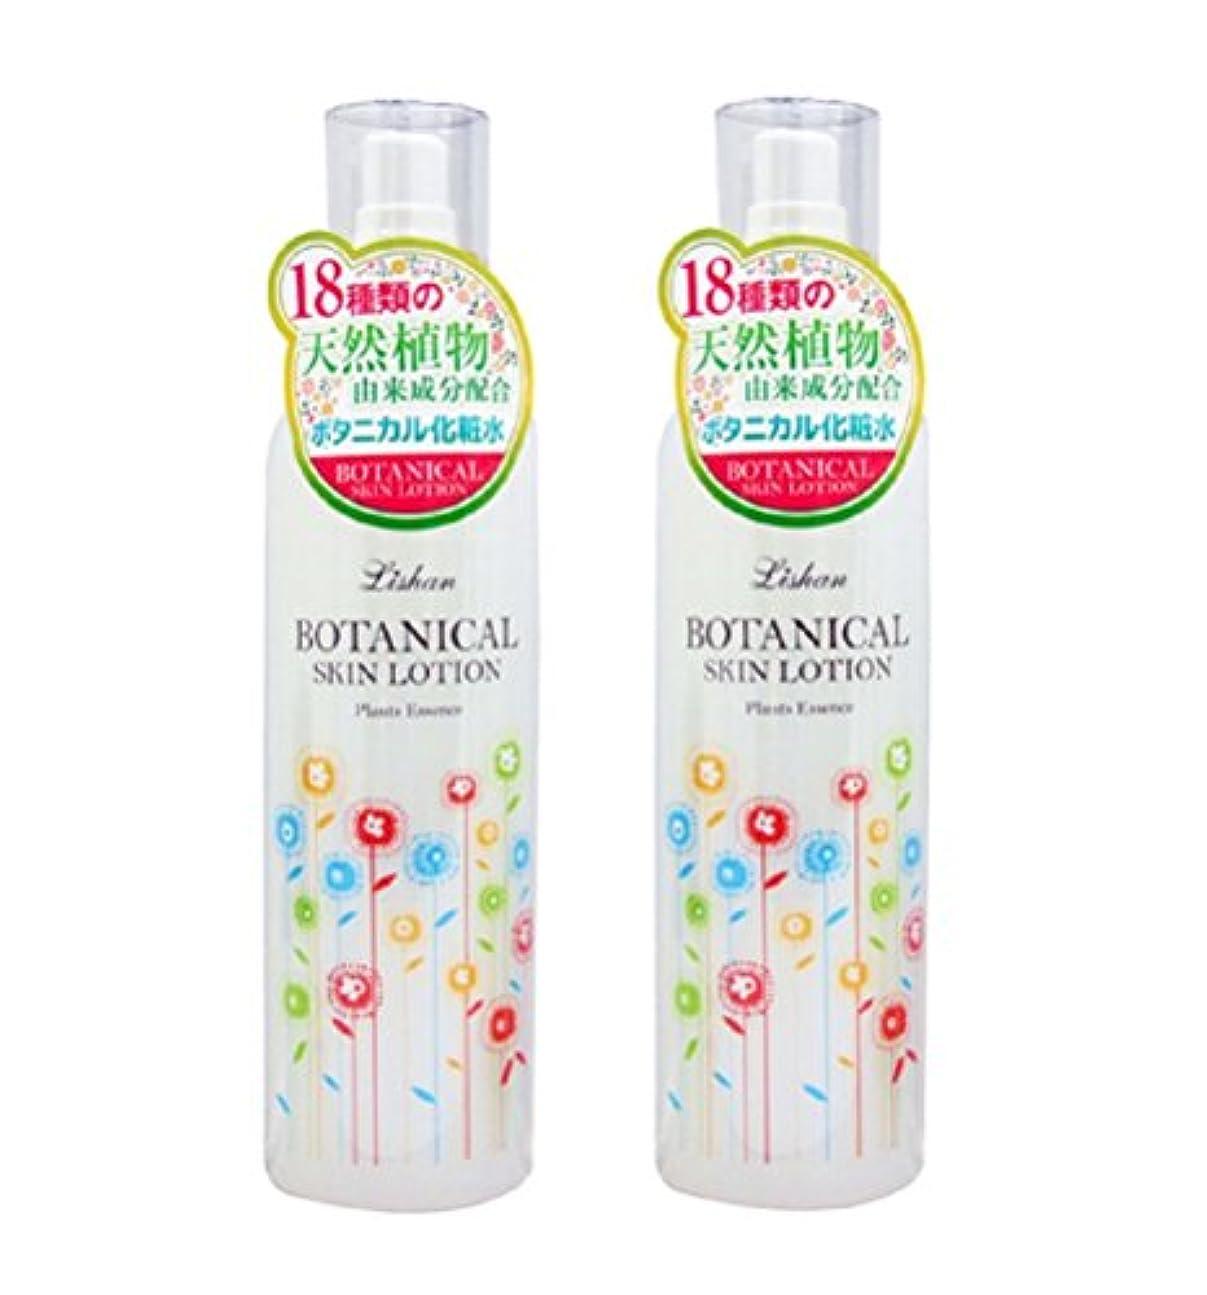 メイトオプショナル書き込みリシャン ボタニカル化粧水 フローラルの香り 260ml×2本セット